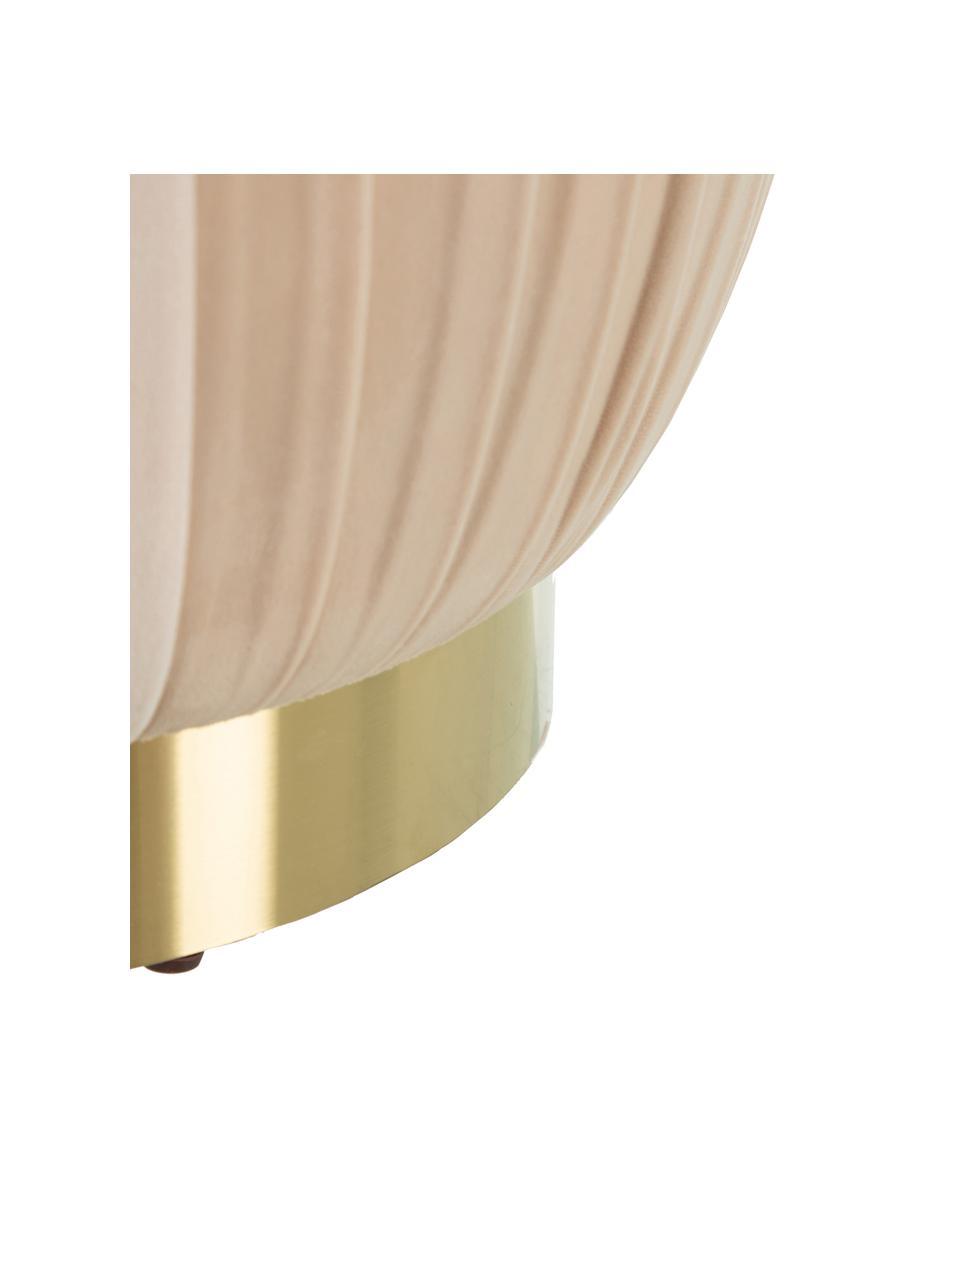 Pouf in velluto Karin, Rivestimento: 100% velluto di poliester, Struttura: pannello di fibra a media, Color crema, Ø 43 x Alt. 42 cm